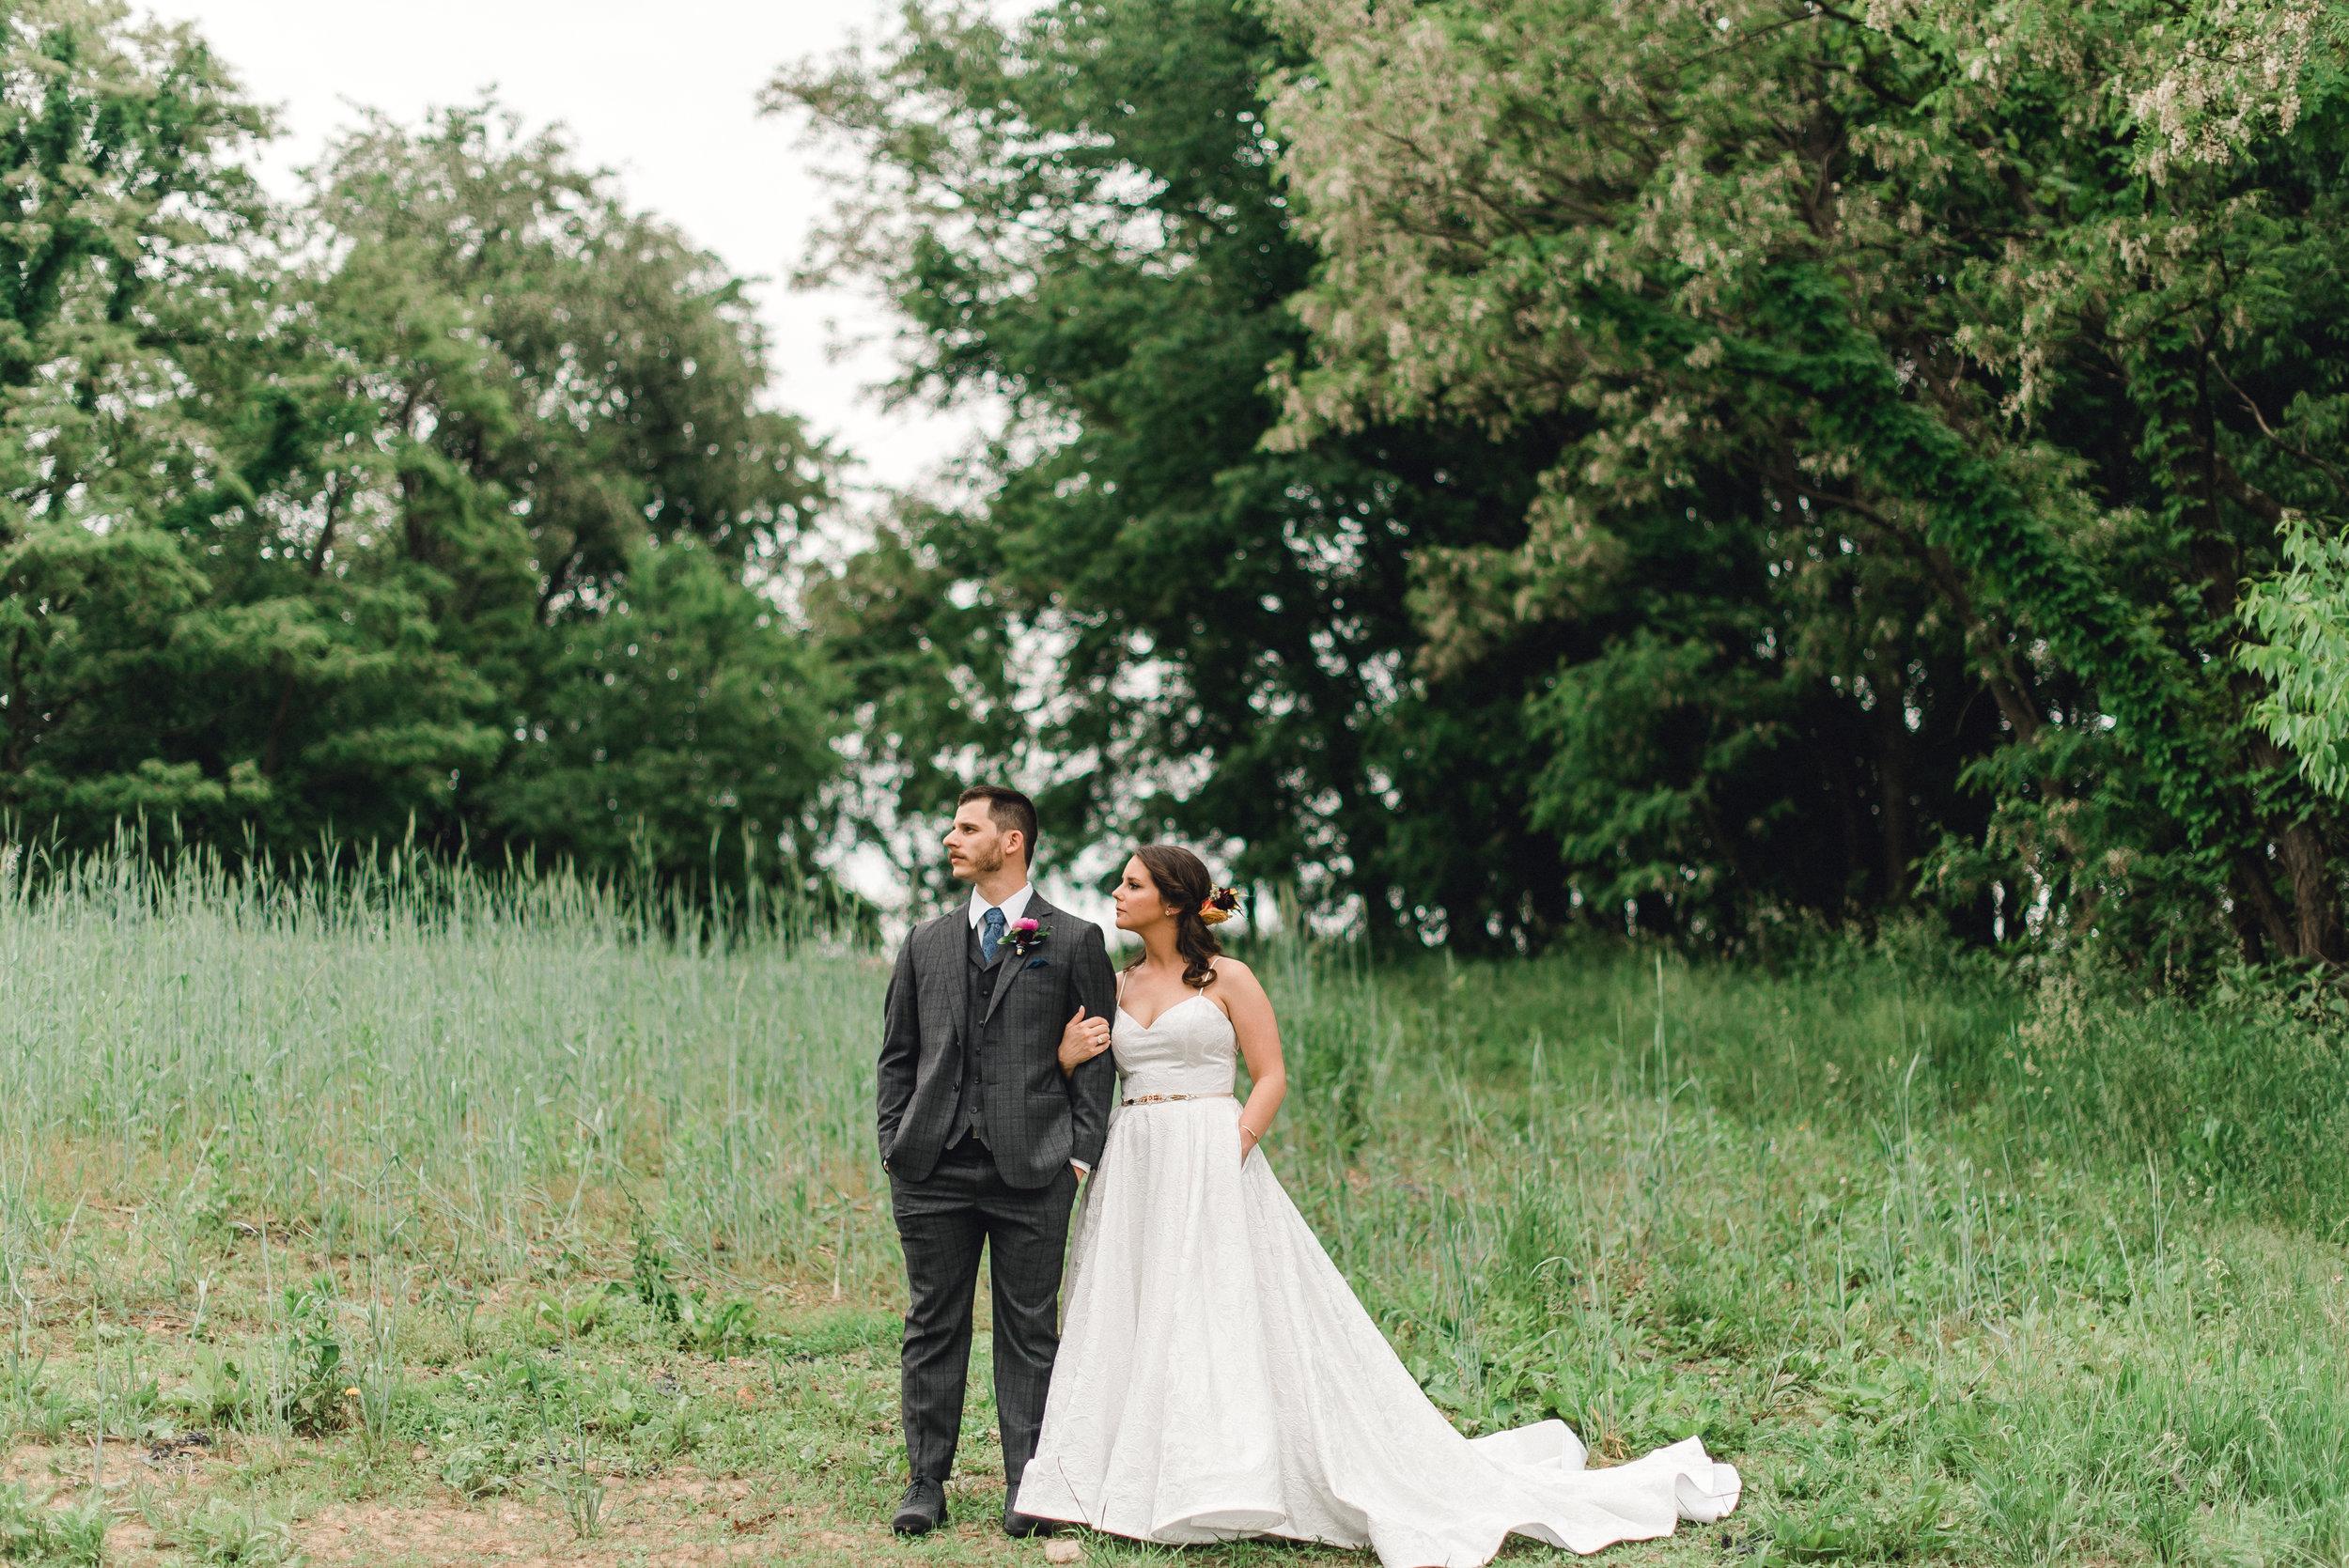 pittsburgh-wedding-bramblewood-farm-barn-wes-anderson-0018.jpg